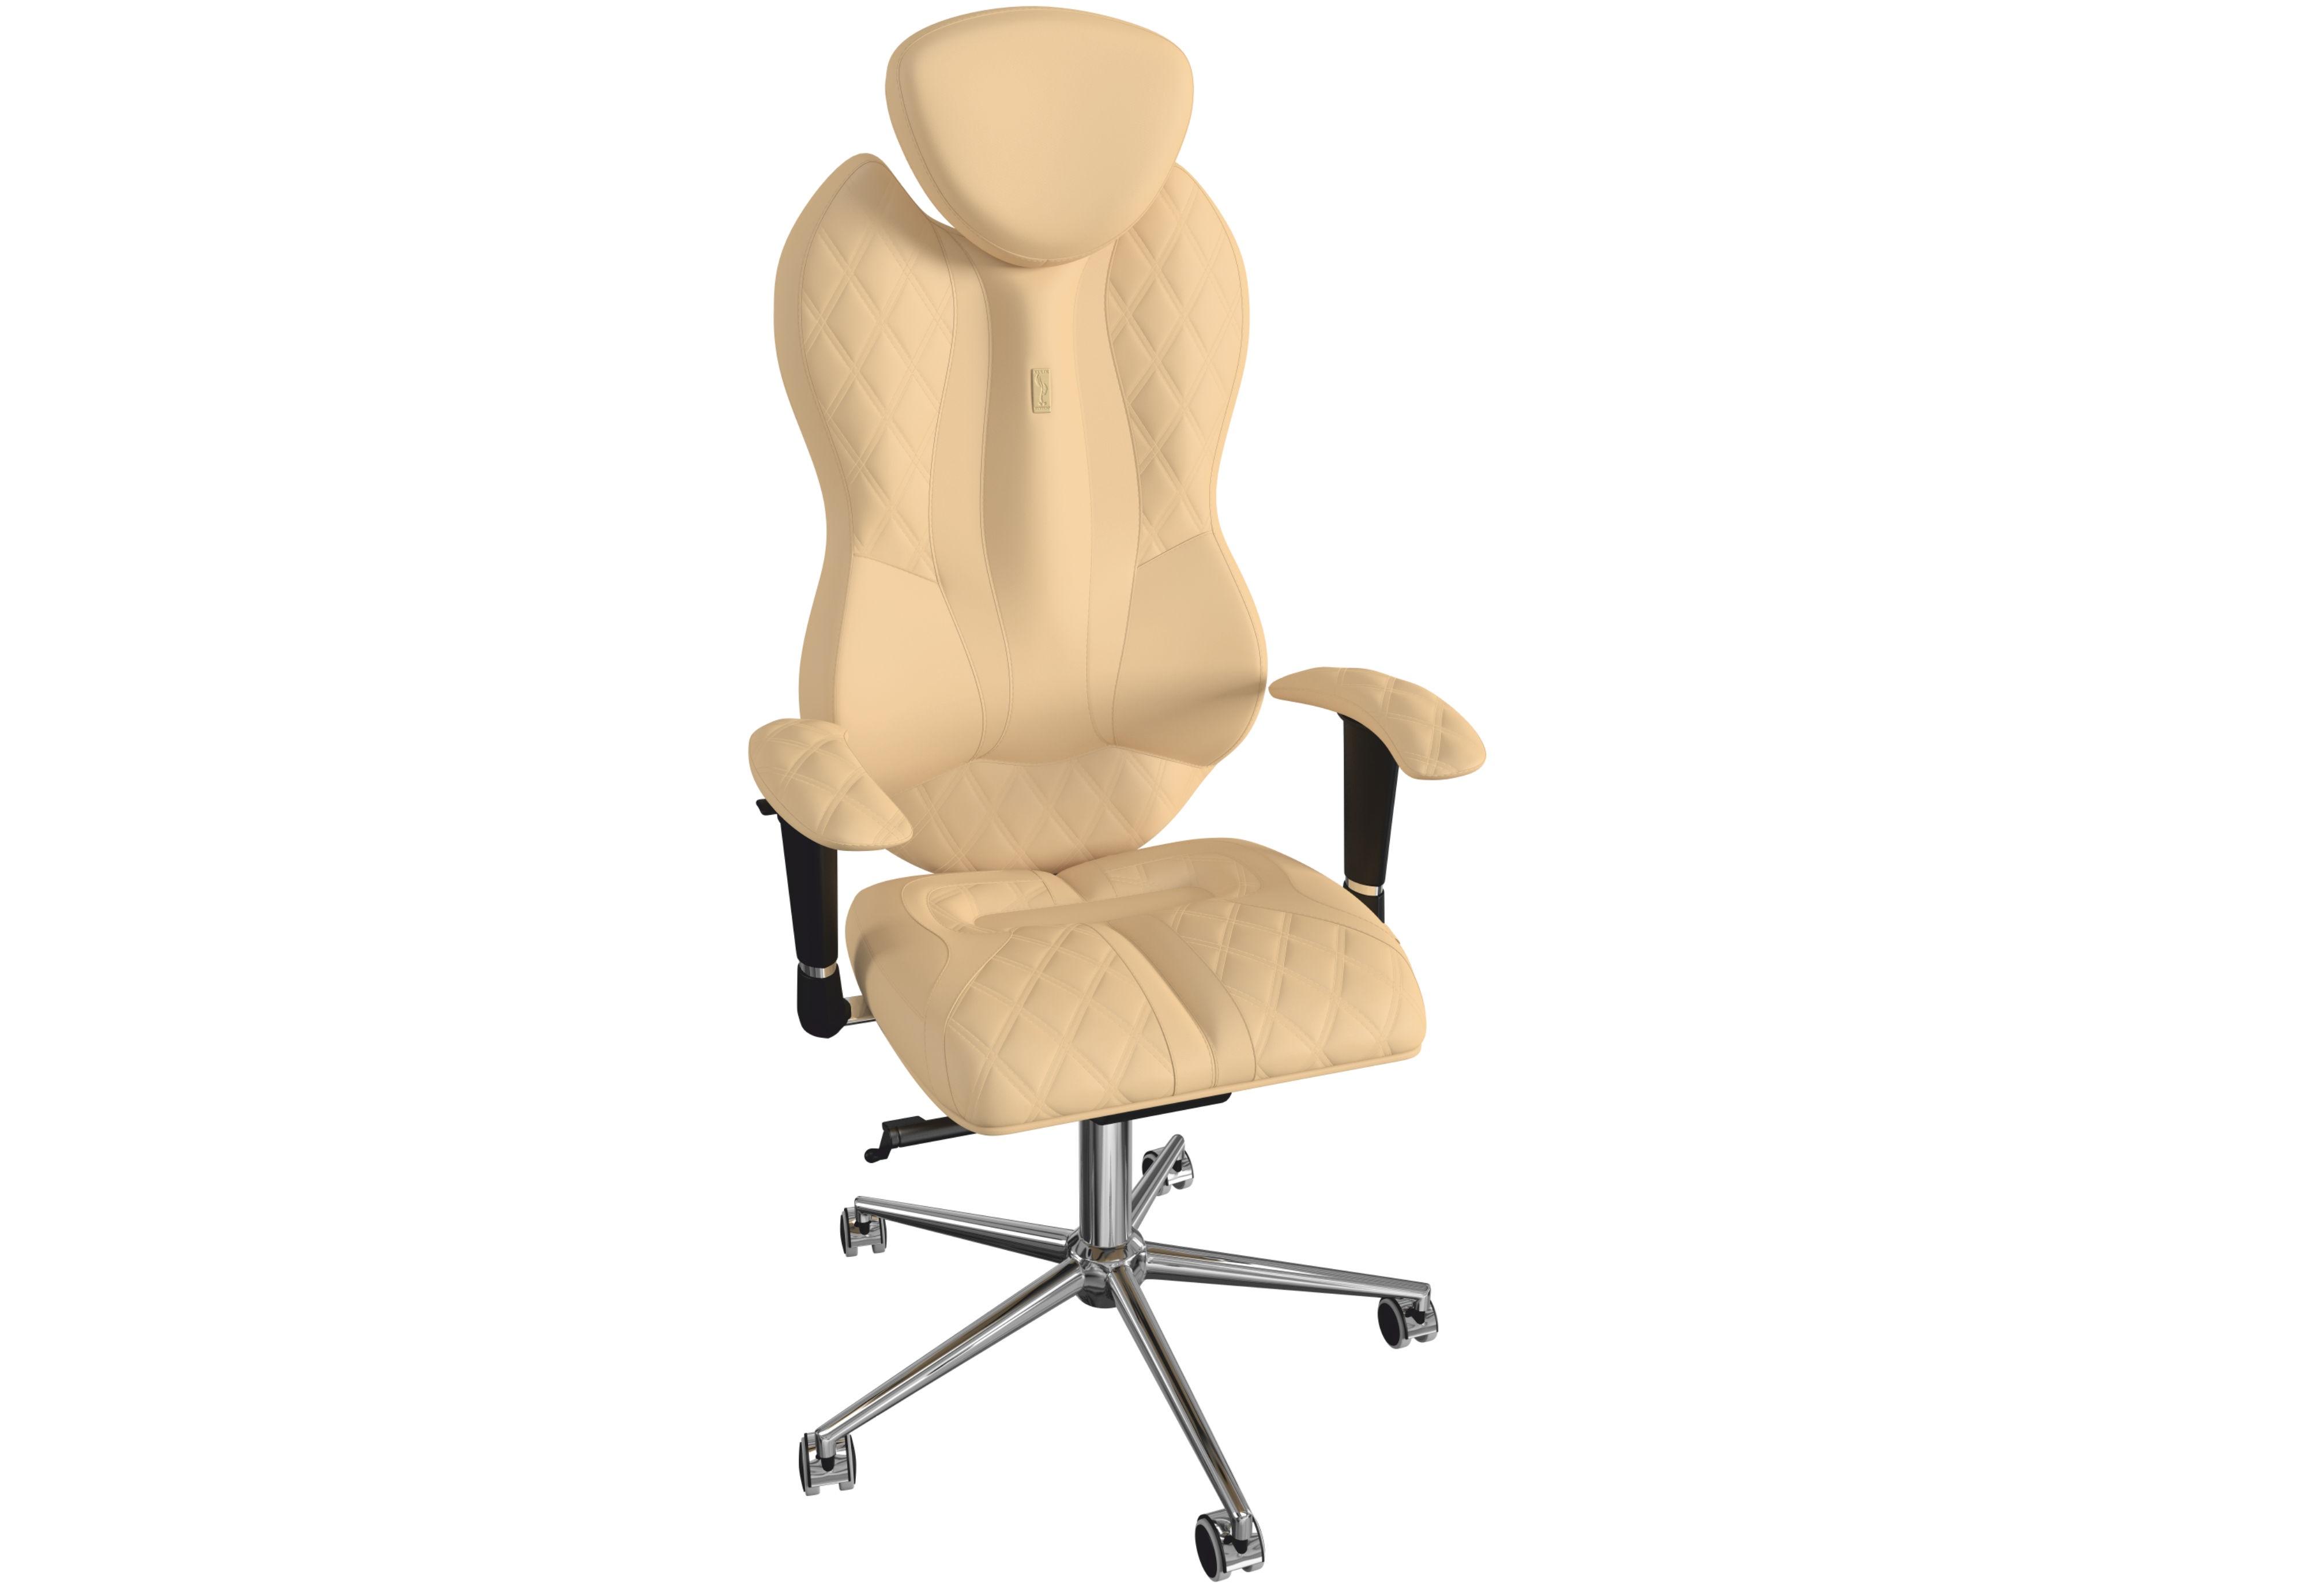 Кресло GRANDEРабочие кресла<br>Эта модель создана для того, что бы дарить особое ощущение удобства и комфорта своему владельцу. Это кресло убережет вас от усталости и будет держать вас в рабочем тонусе.&amp;amp;nbsp;<br><br>Material: Кожа<br>Length см: None<br>Width см: 71<br>Depth см: 58<br>Height см: 147<br>Diameter см: None